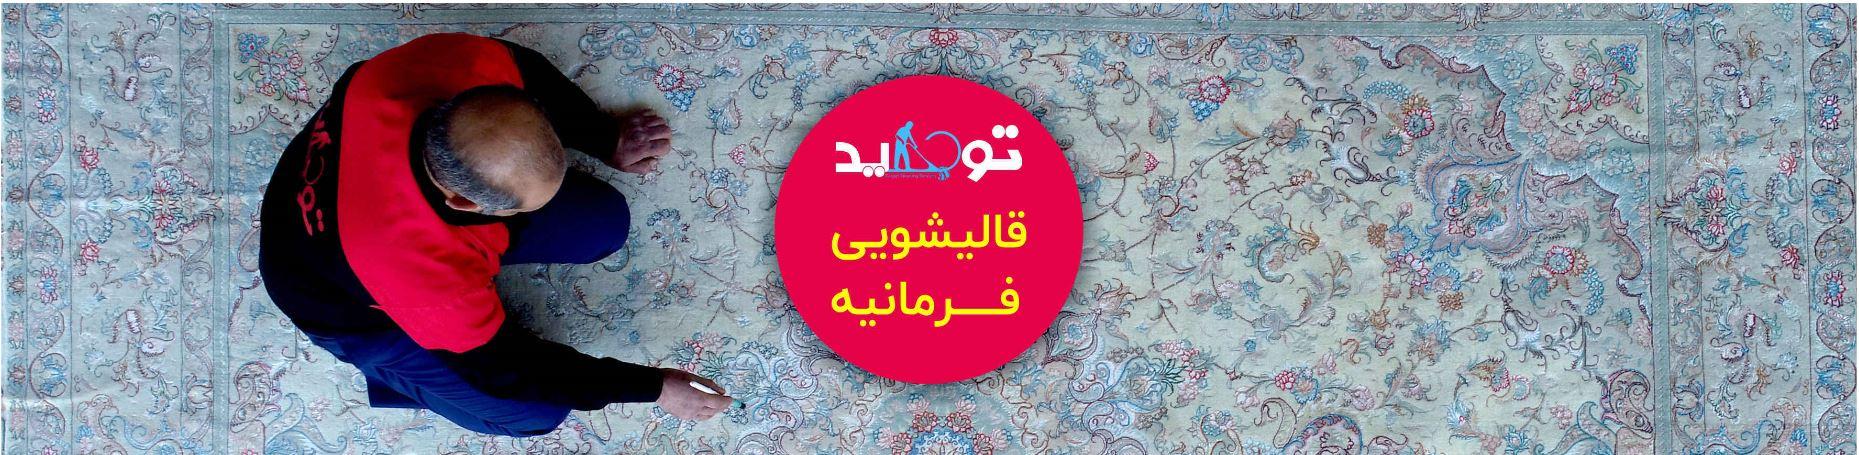 قالیشویی فرمانیه